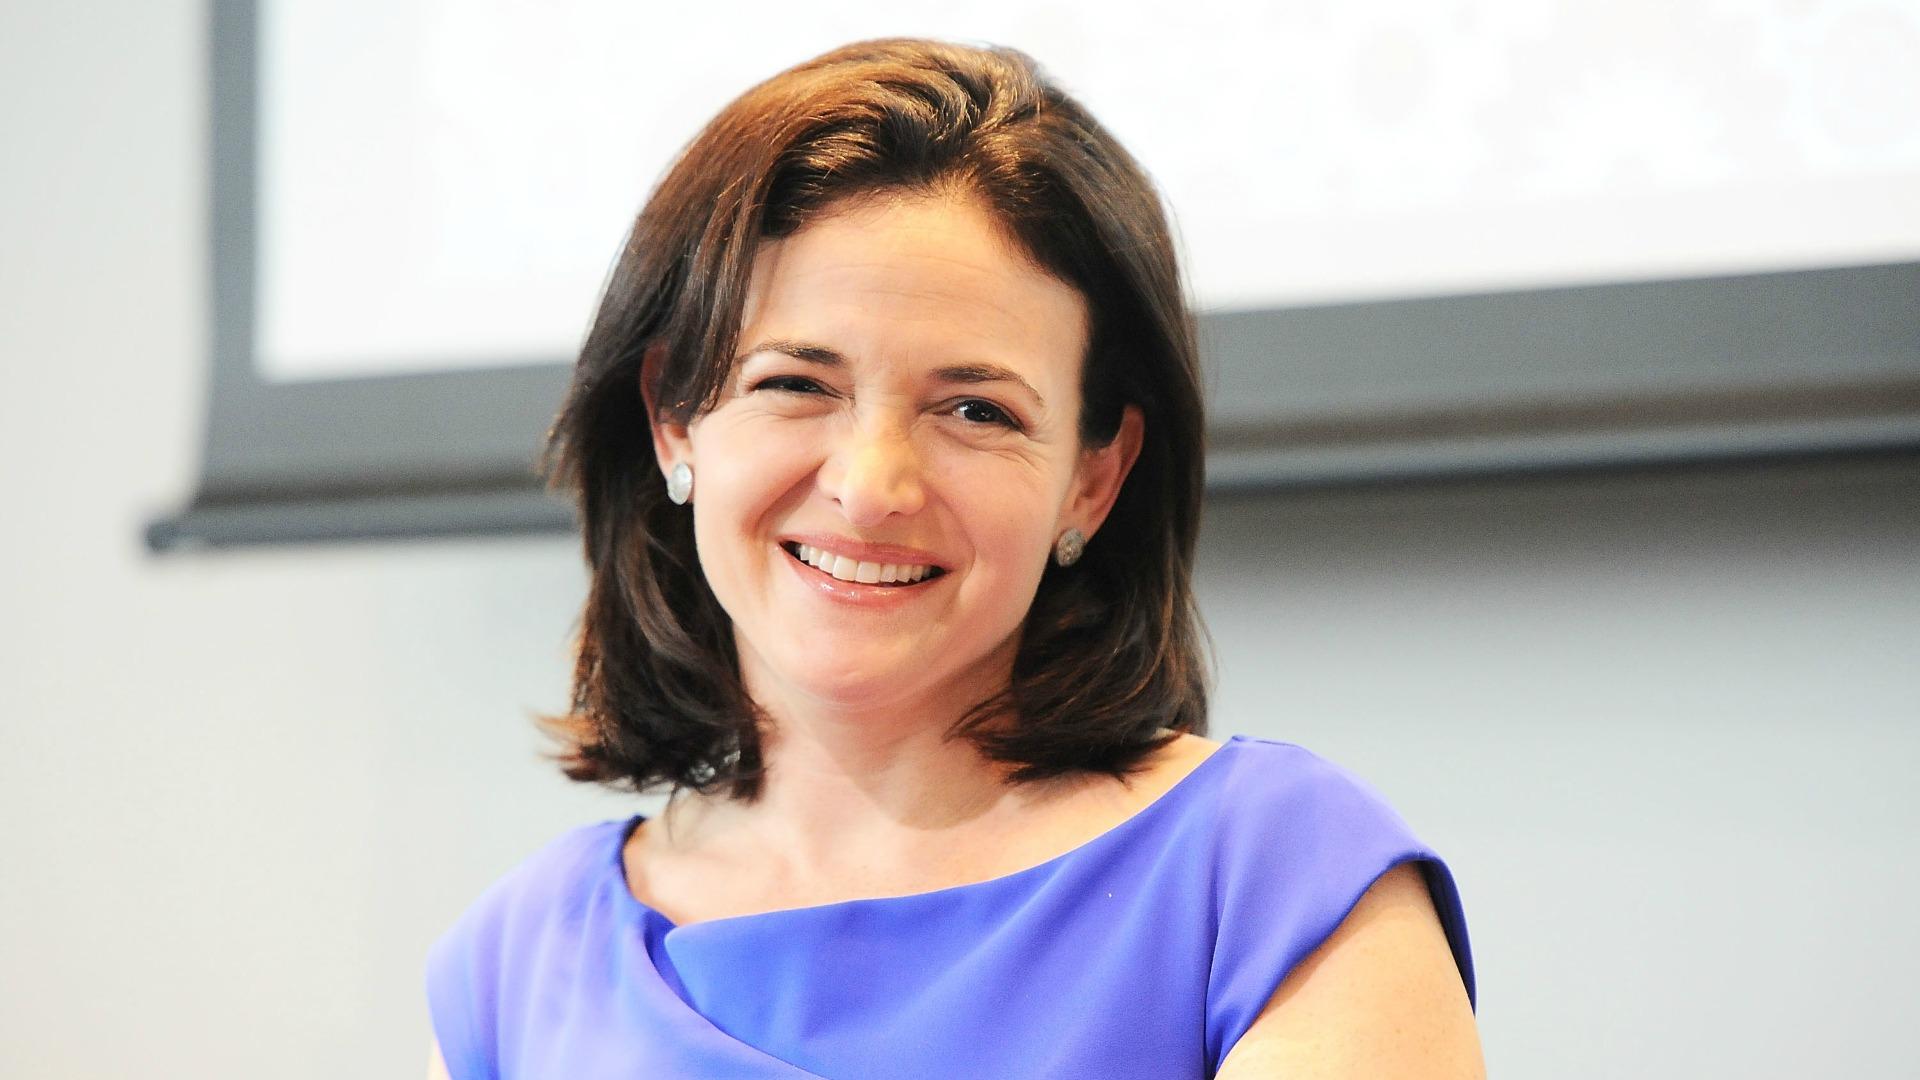 Sheryl Sandberg - Lean In